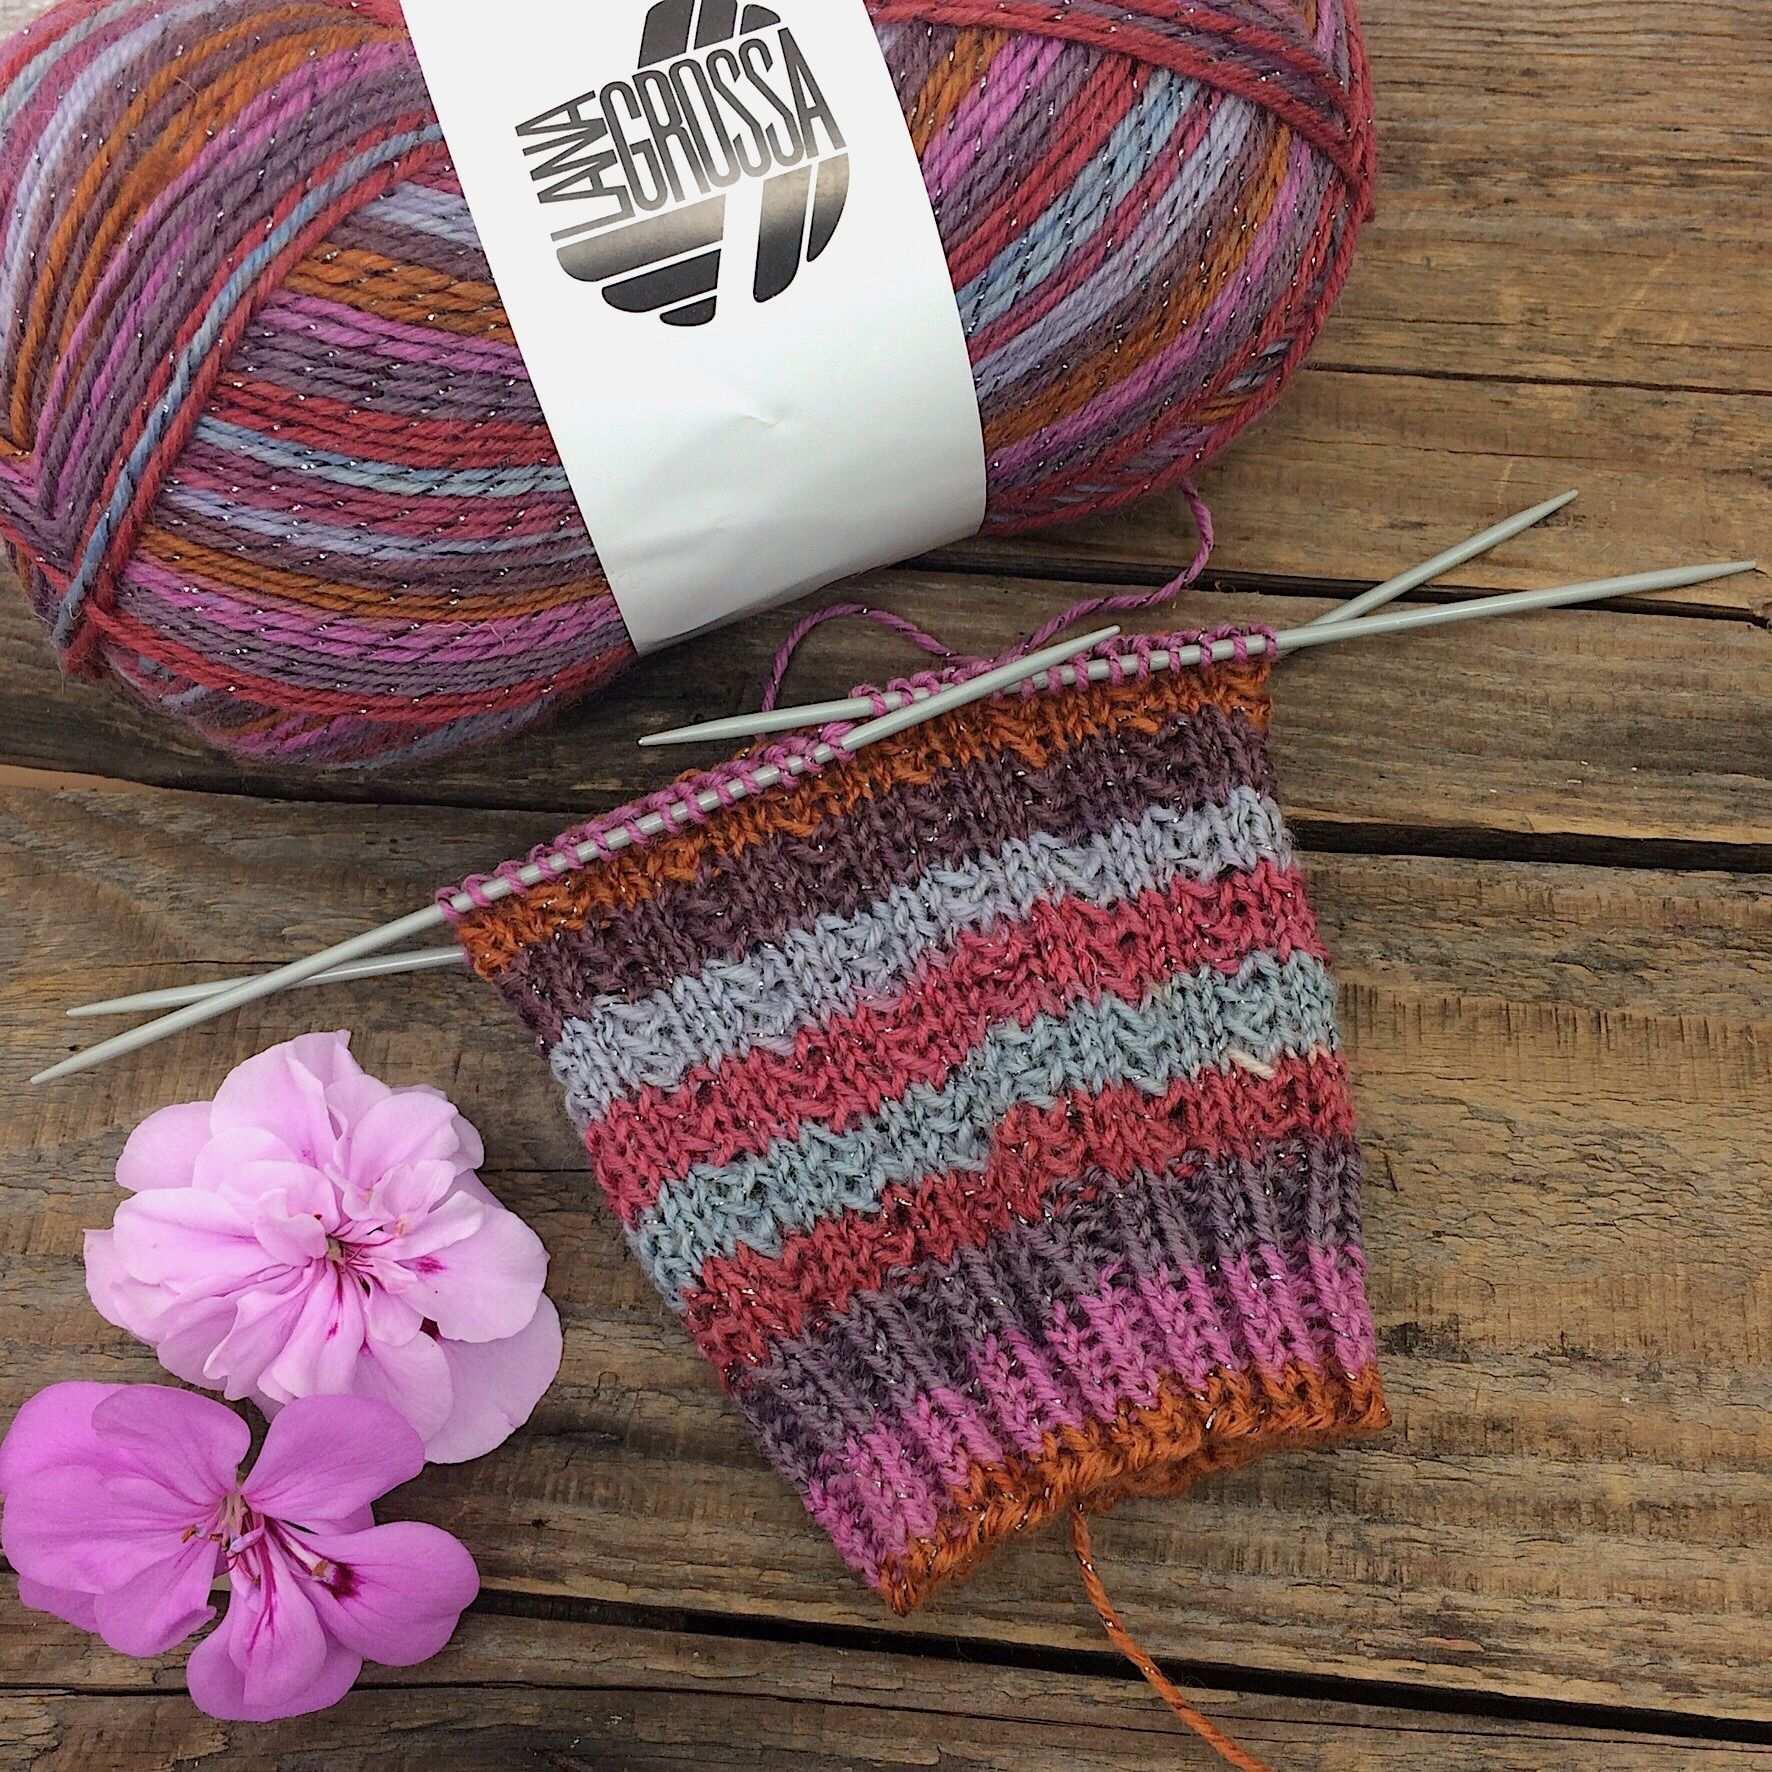 Gratisanleitung Socken Muster Charade Lanagrossa Meilenweit Glamy In 2020 Sock Patterns Knitting Knitting Socks